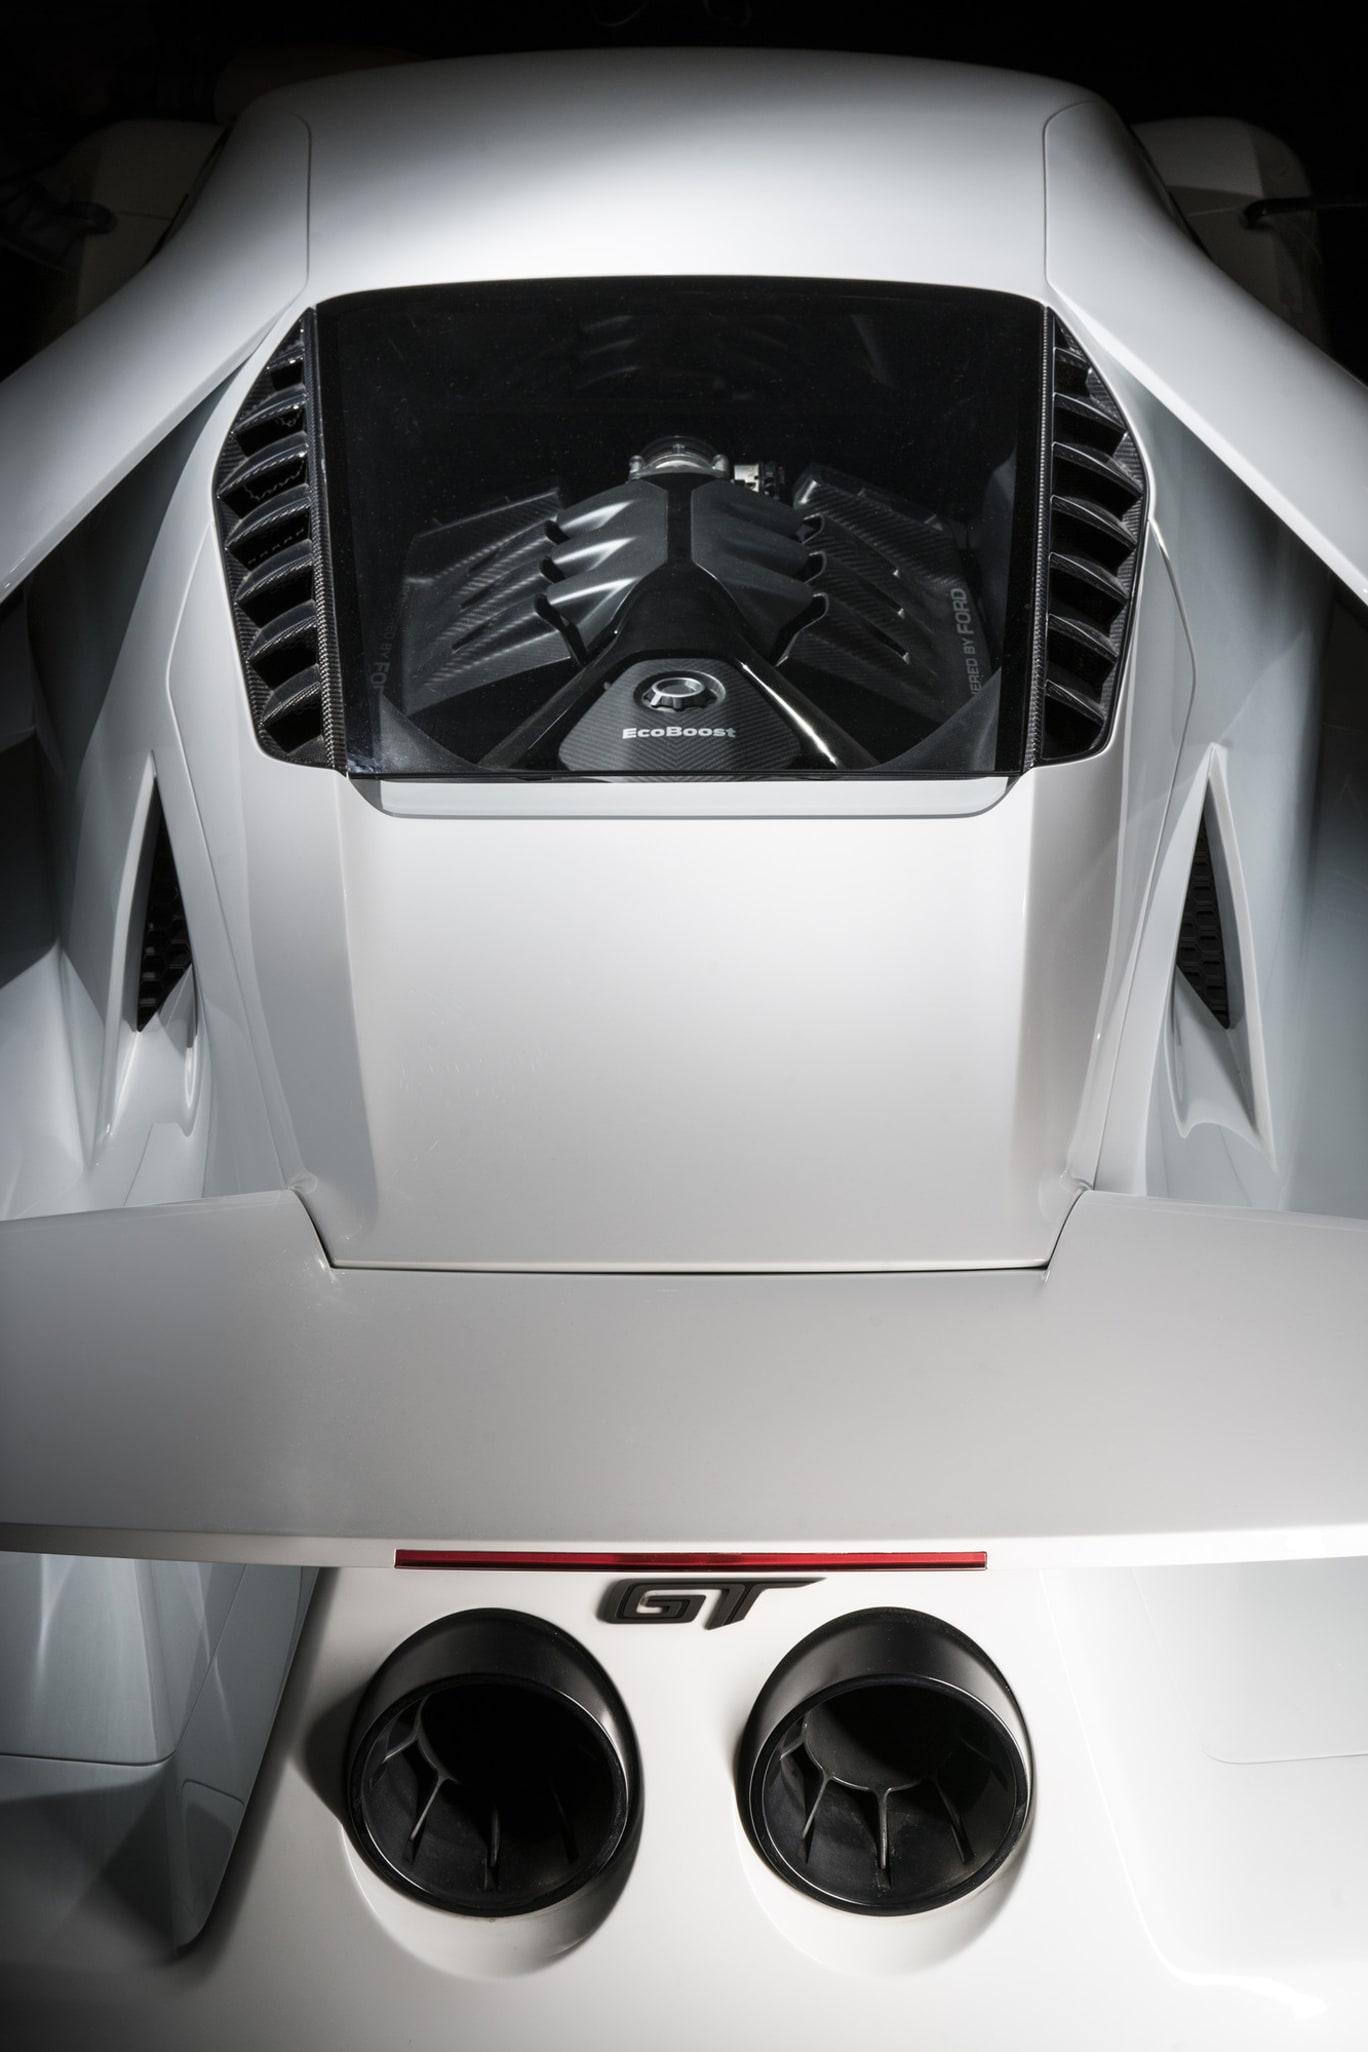 Hjärtat i nya Ford GT är en 3,5 liters V6 motorn med dubbla turboaggregat och på 647 hästar. Längst bak sitter två stora ändrör med en GT logo mellan.